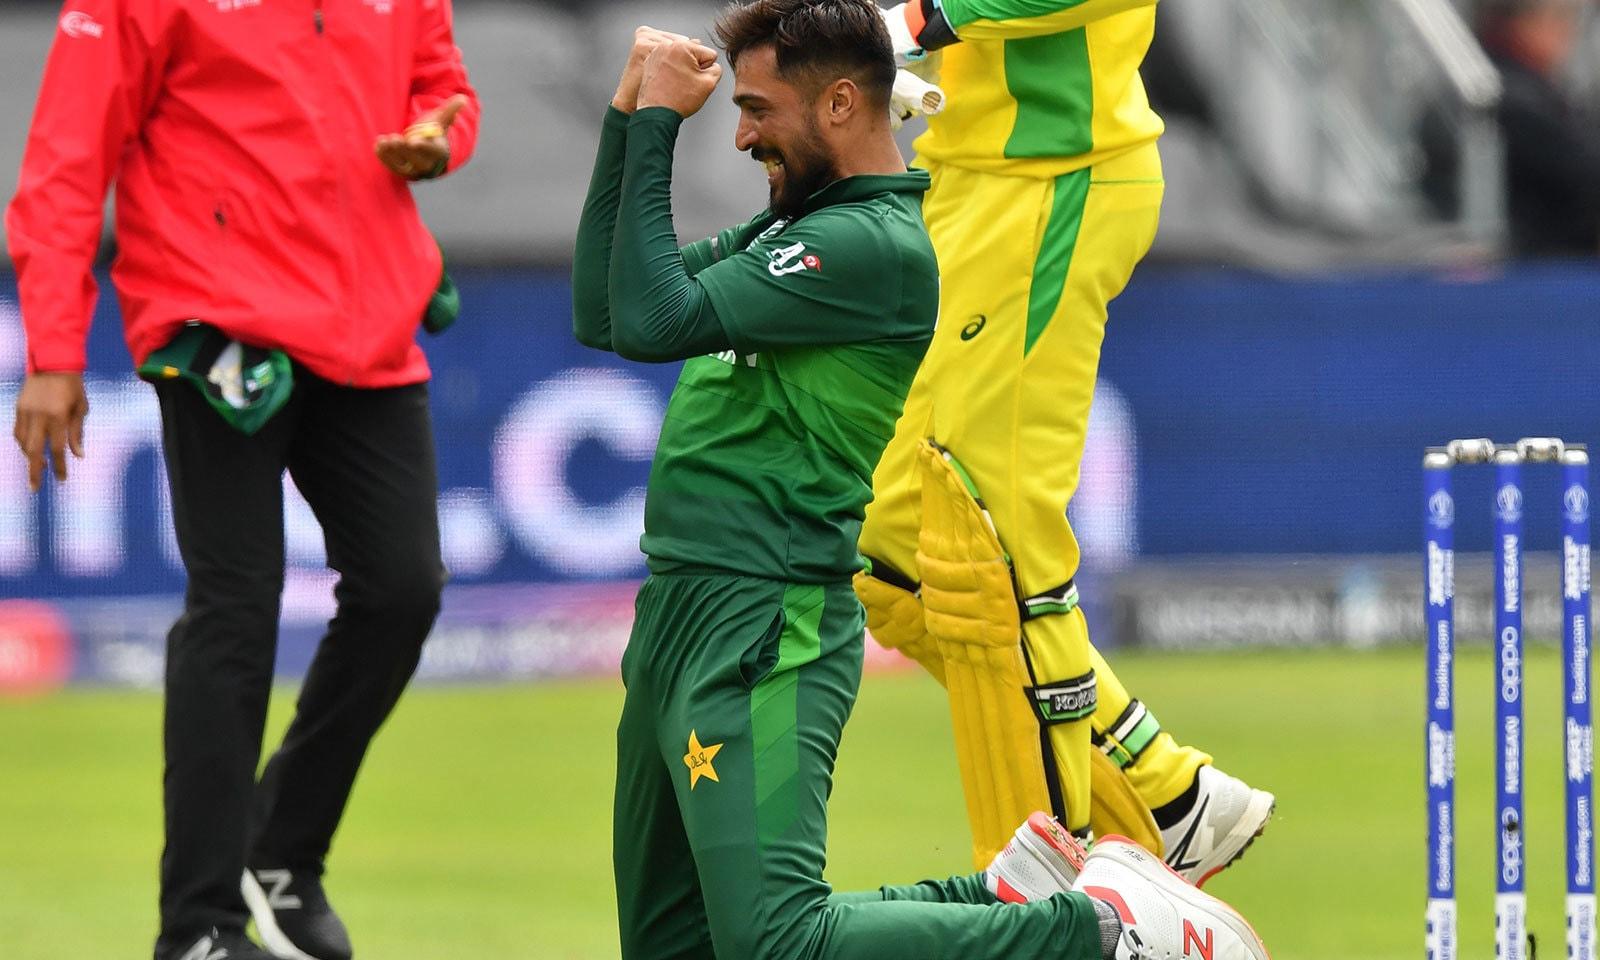 عامر کی بہترین باؤلنگ کے باوجود قومی ٹیم فائدہ نہ اٹھا سکی—فوٹو:اے ایف پی